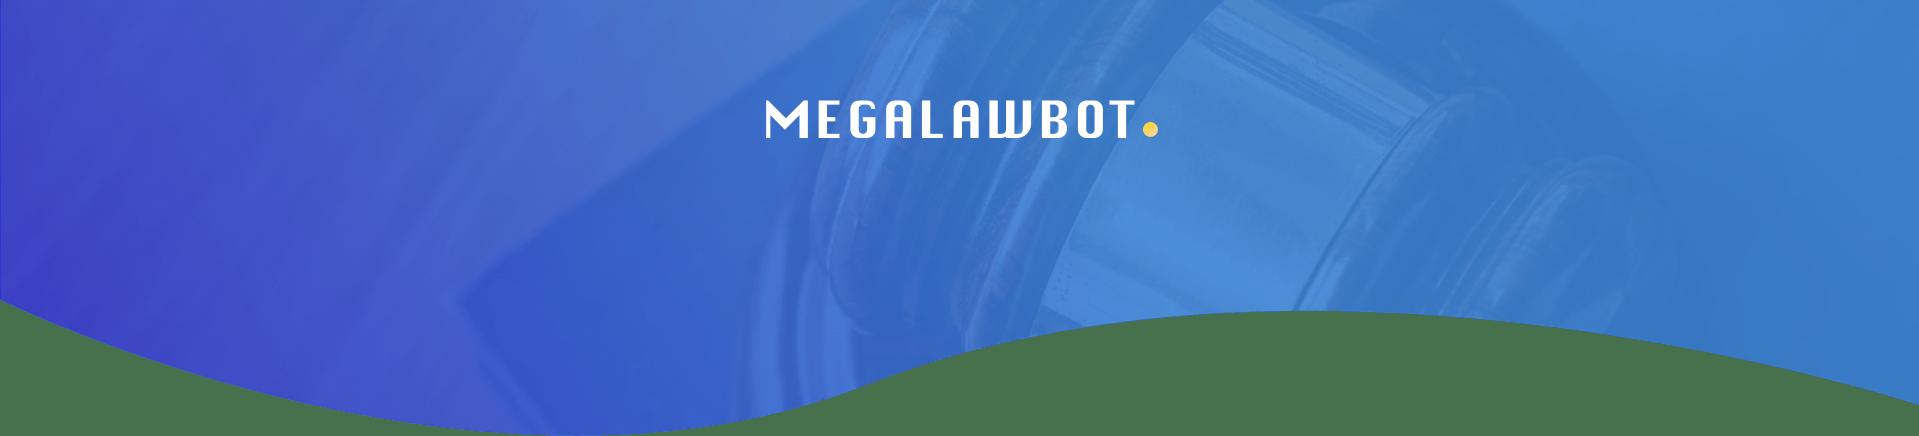 megalawbot-banner.png